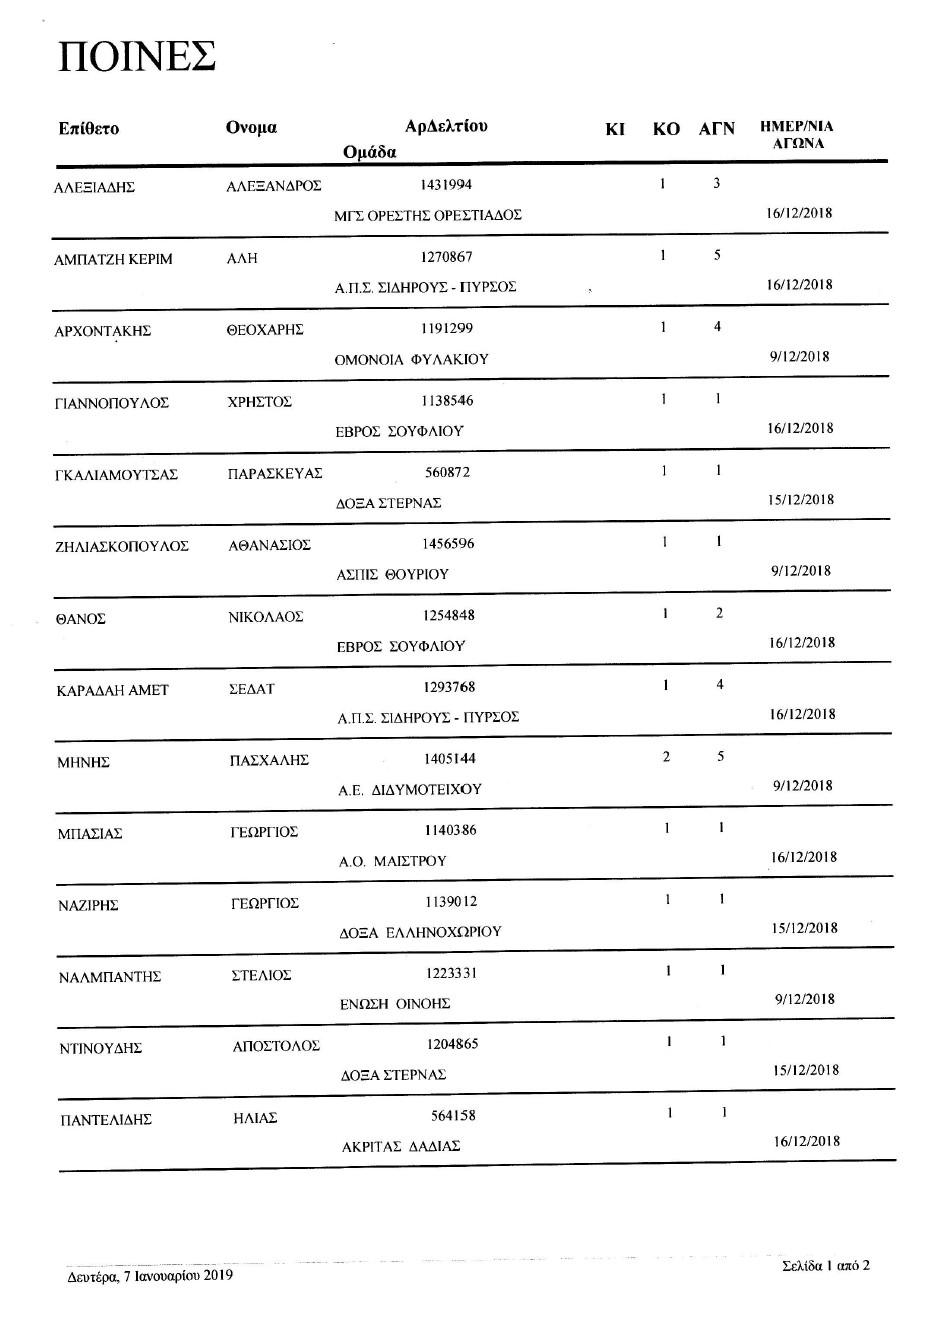 Σας αποστέλλουμε συνημμένα το υπ' αριθμ. 10/07-01-19 πρακτικό της Επιτροπής Κανονισμών το οποίο αφορά ποινές ποδοσφαιριστών για να λάβετε γνώση .